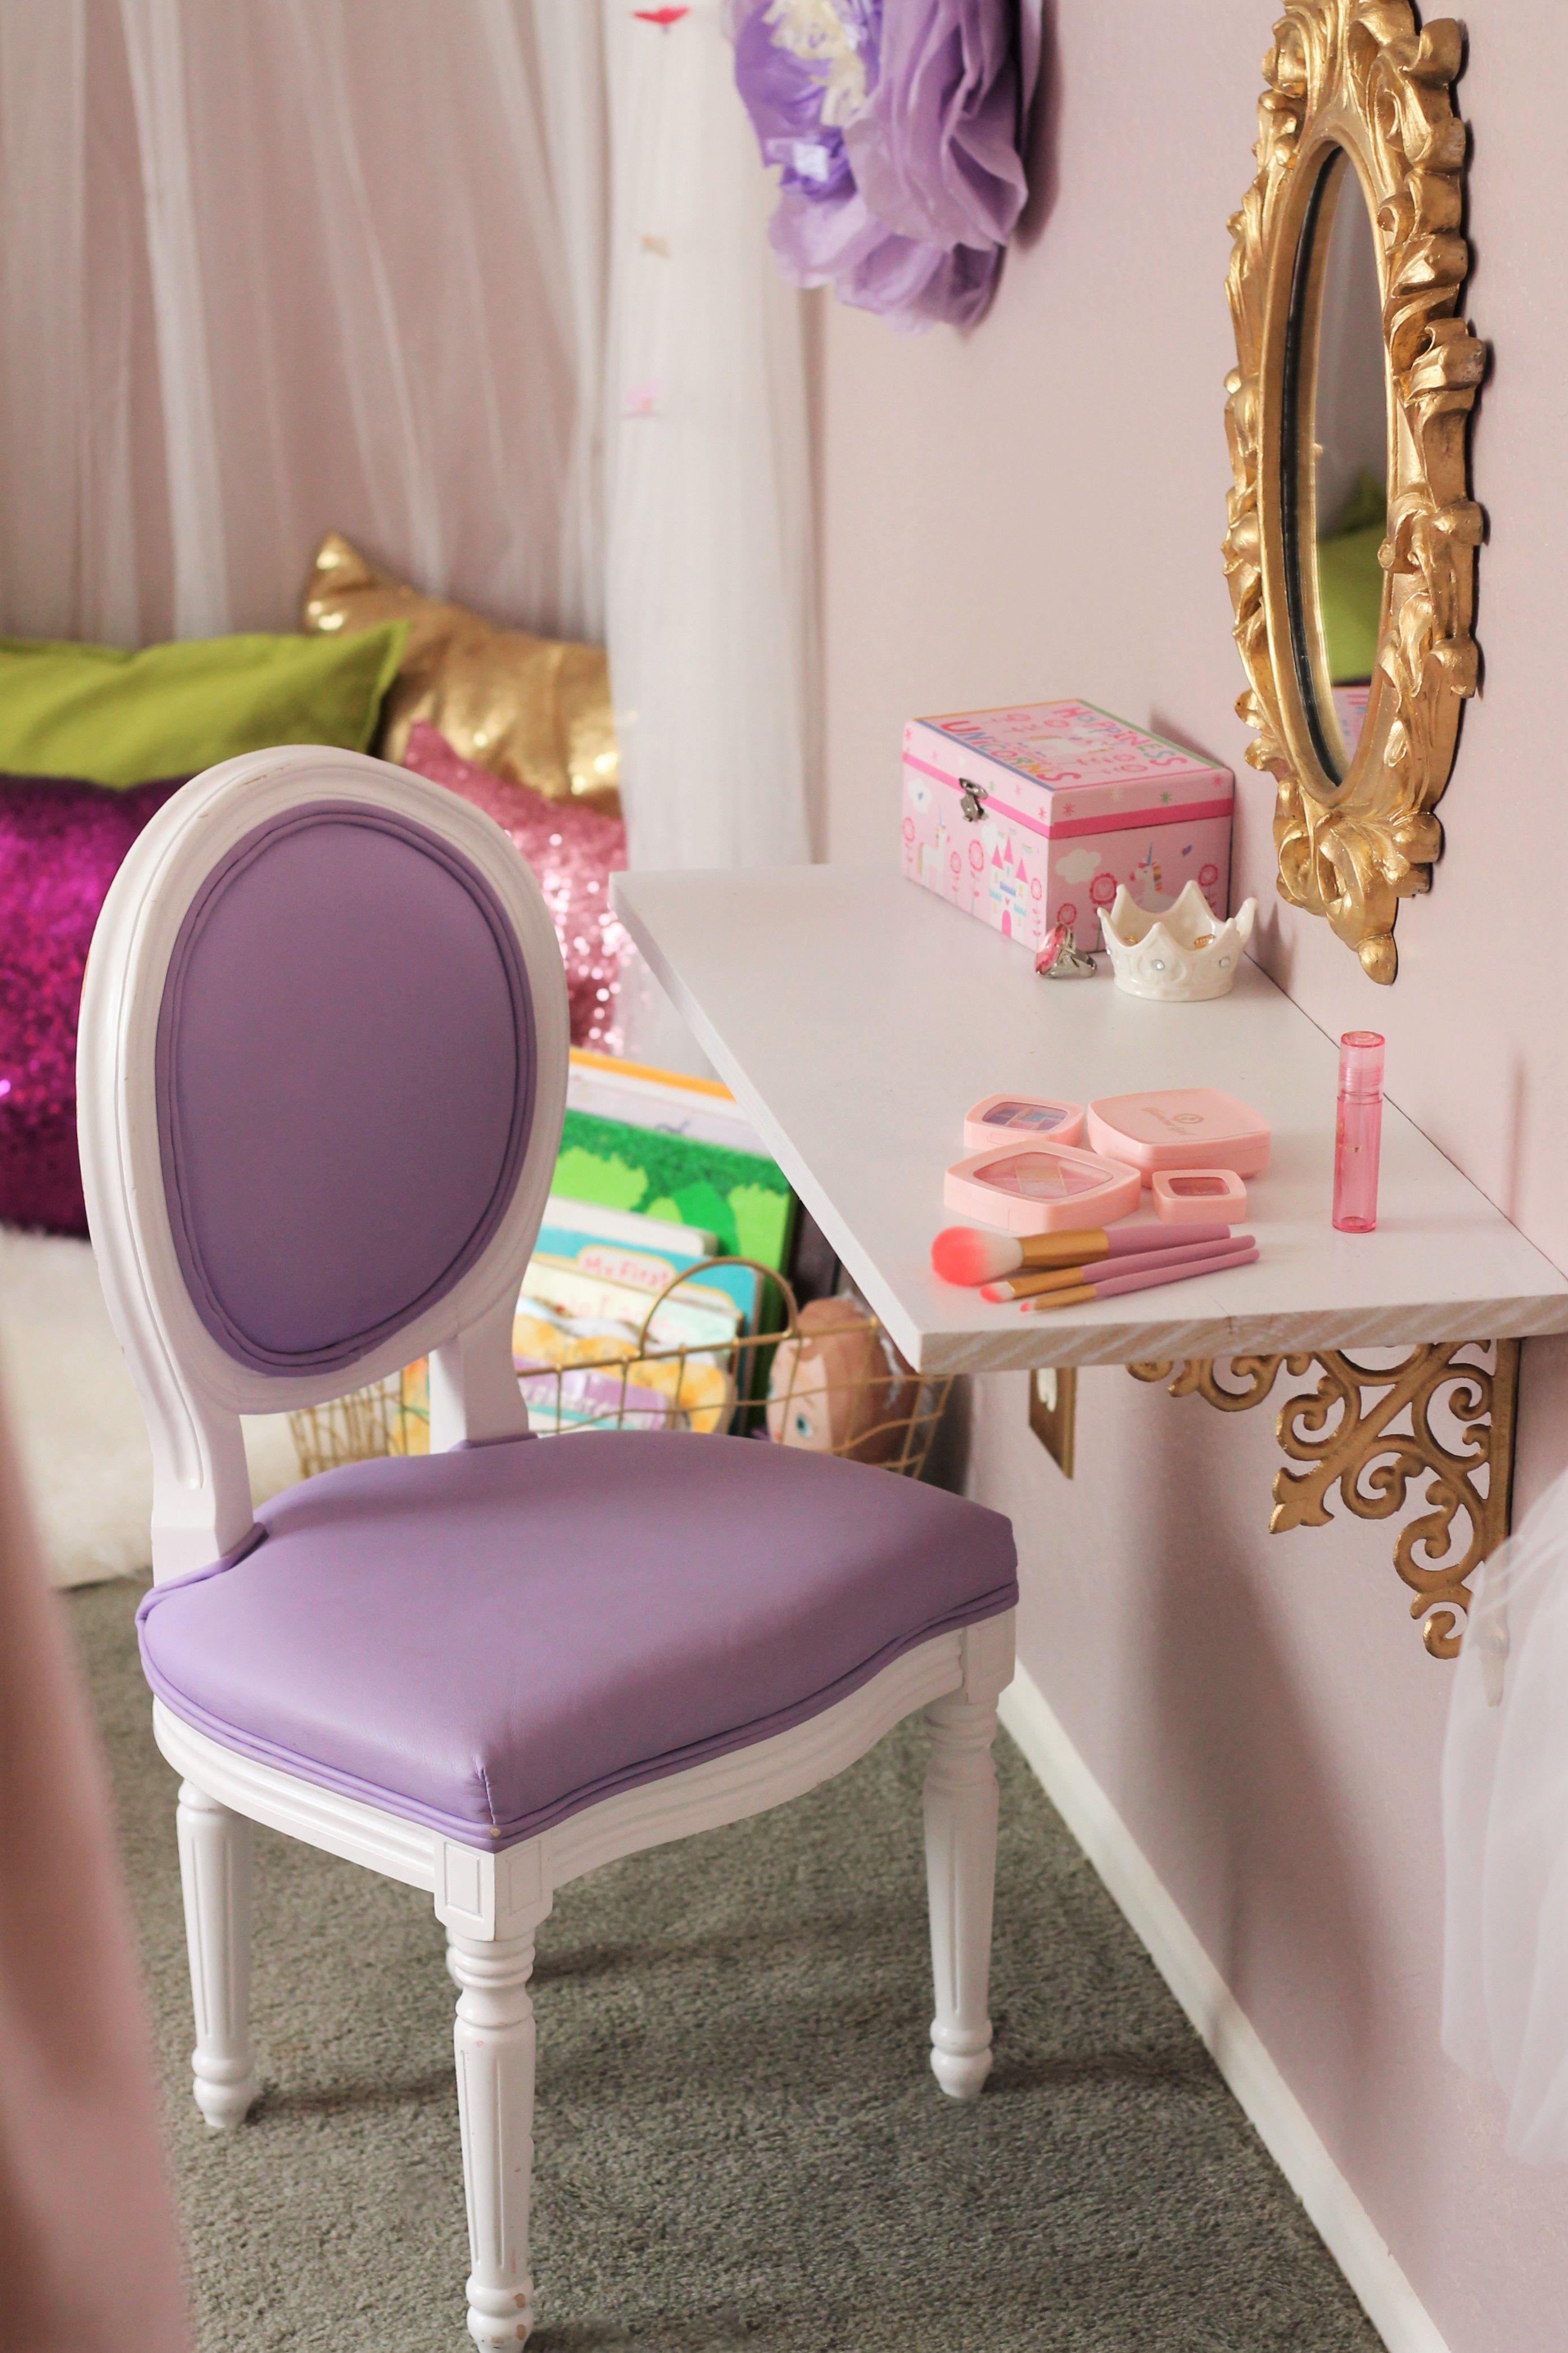 Princess Castle Bedroom Furniture Luxury Princess Castle Shelving Unit Compliment Your Luxury